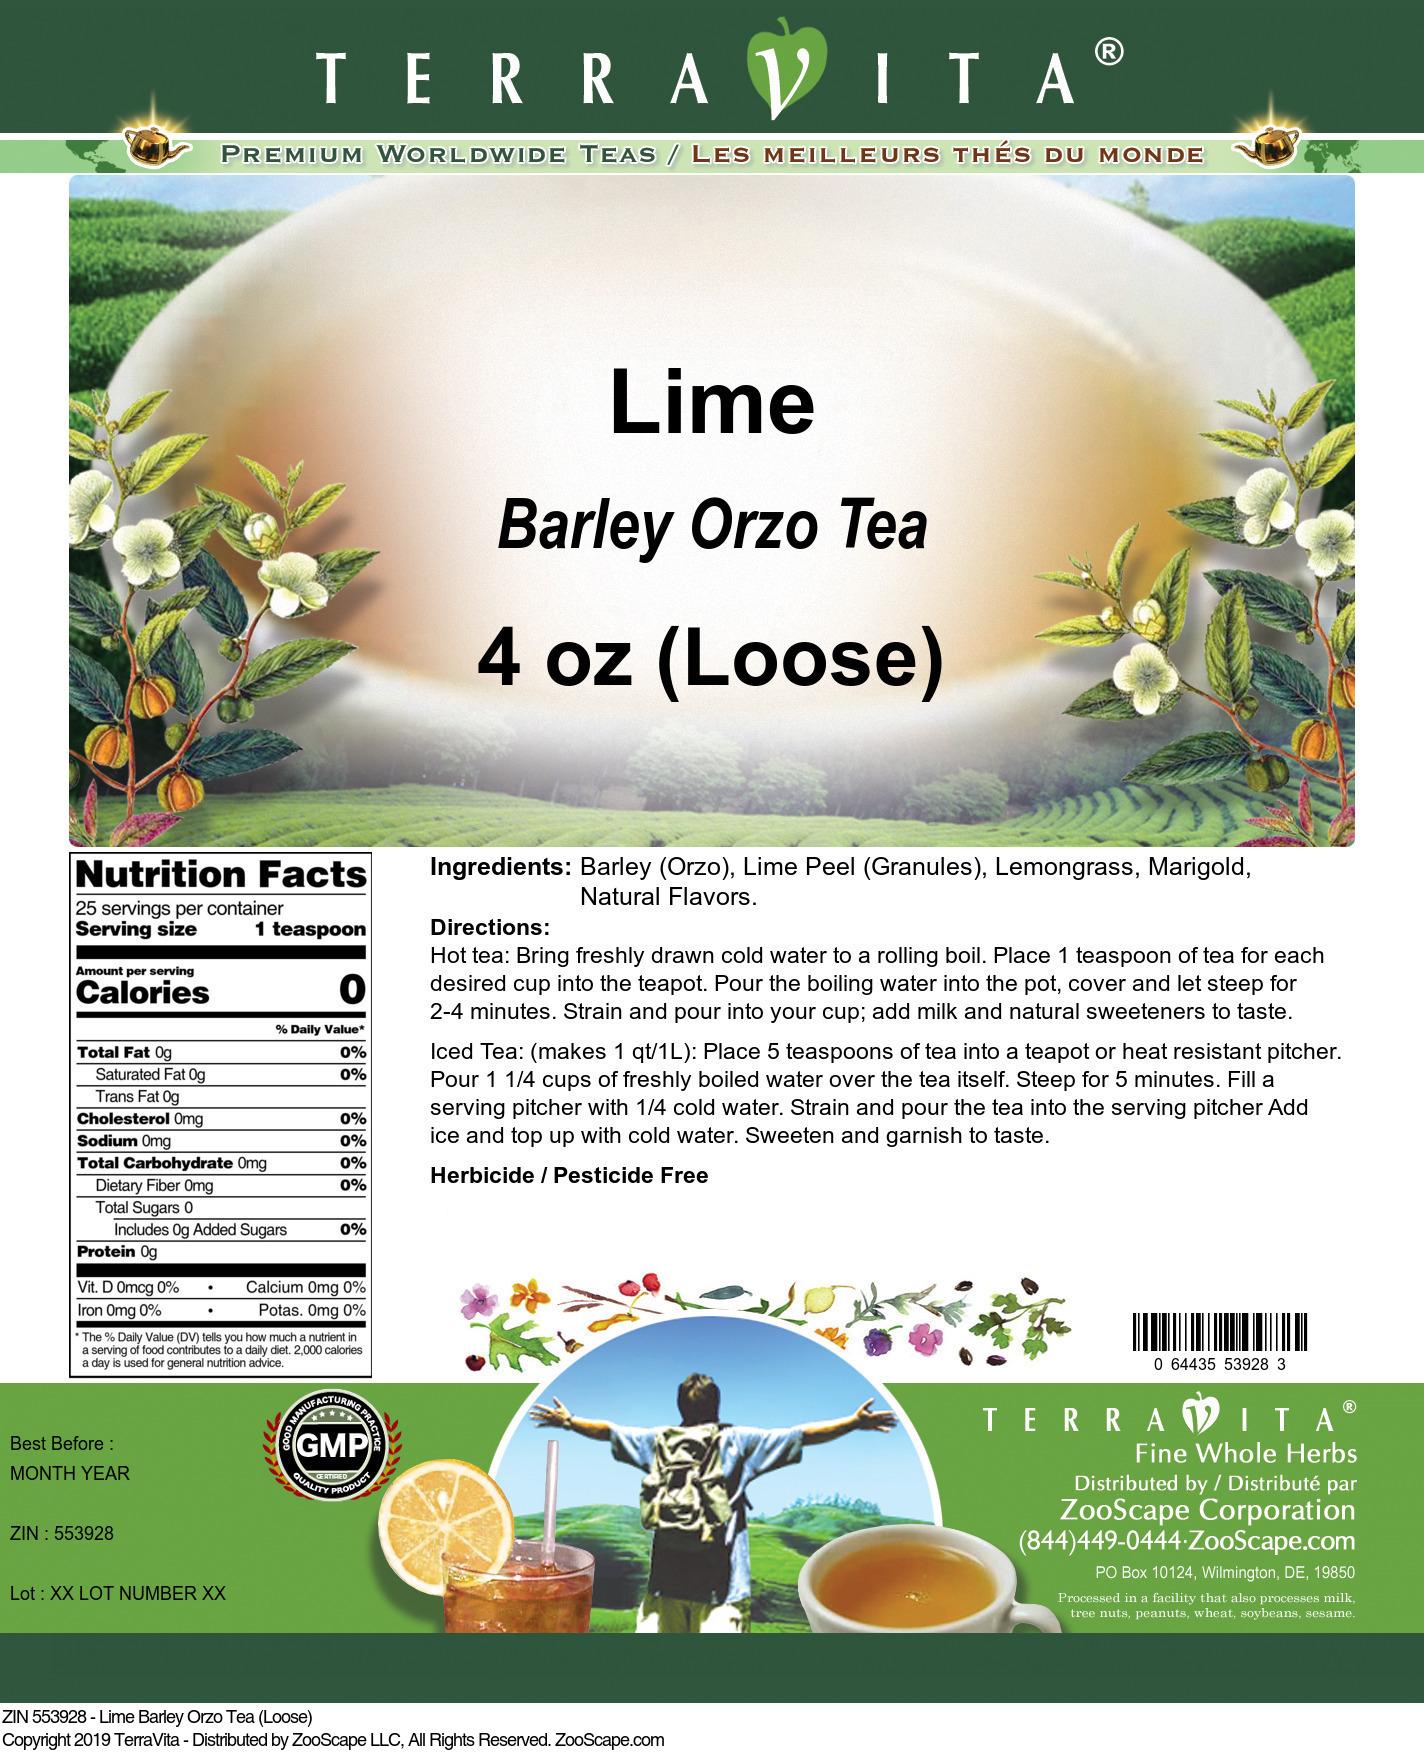 Lime Barley Orzo